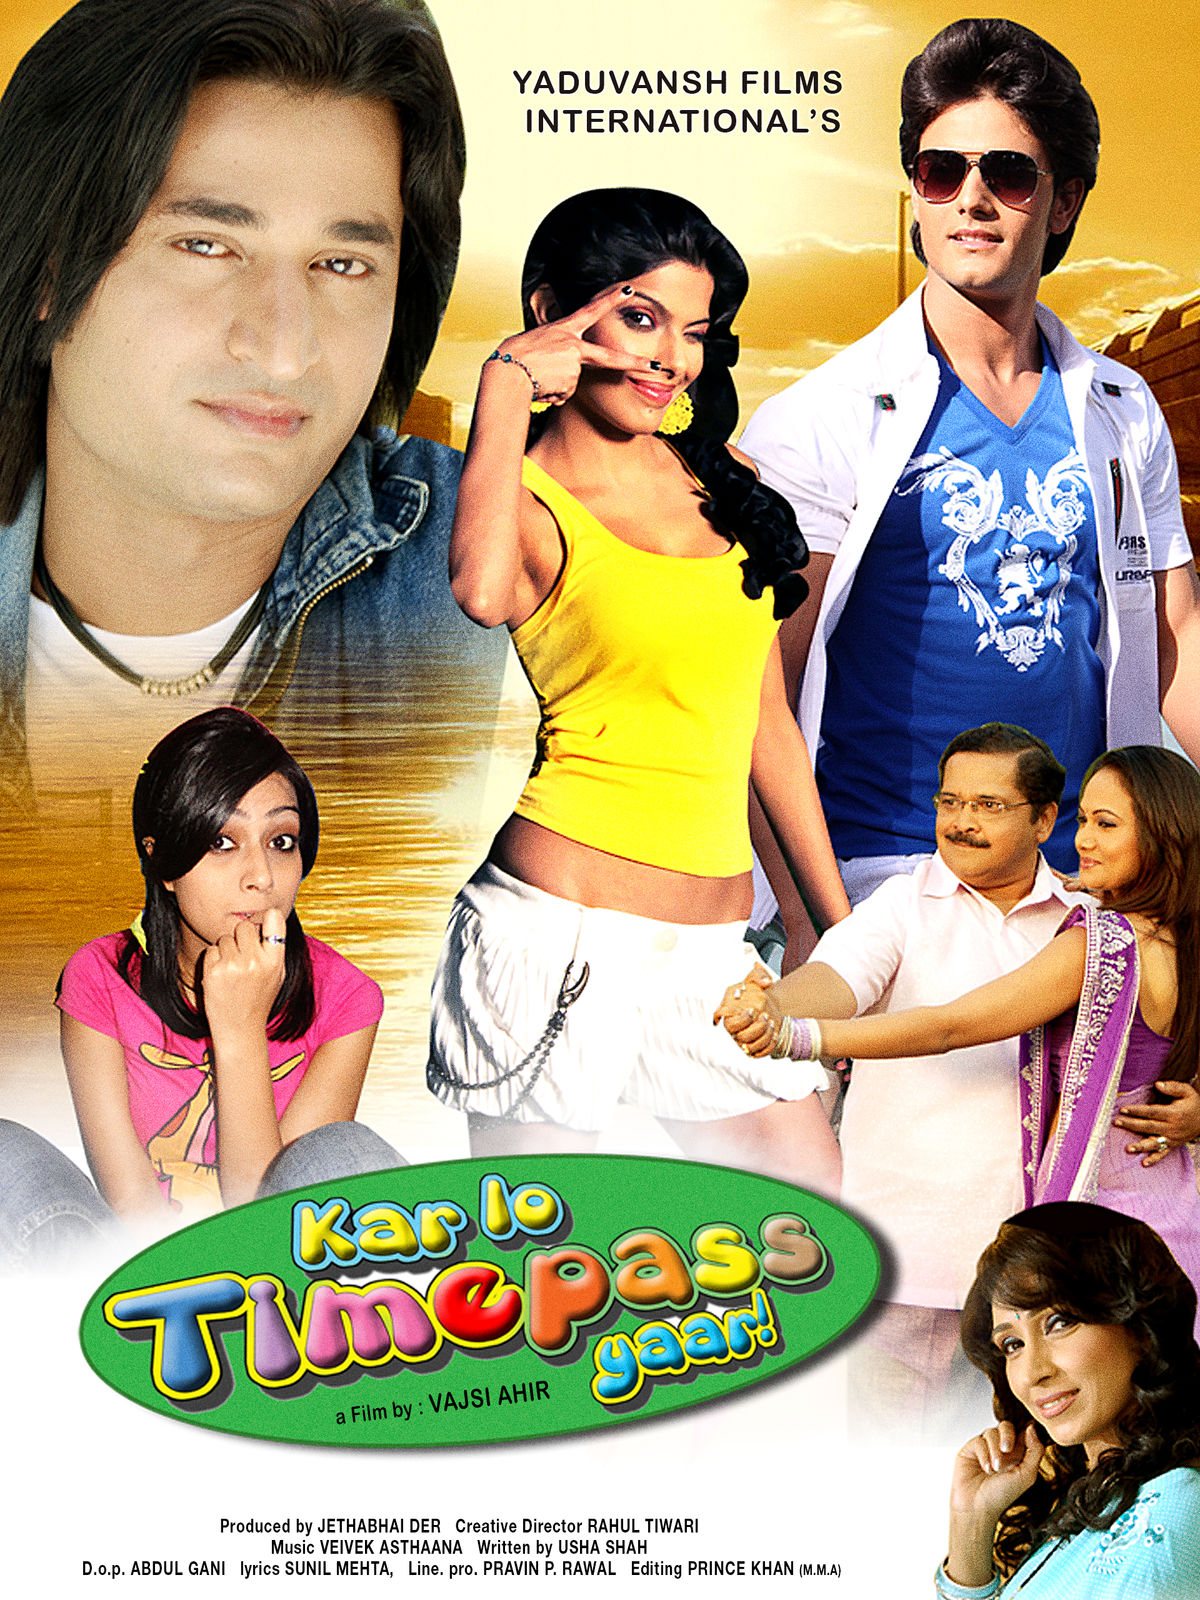 Kar Lo Timepass Yaar!